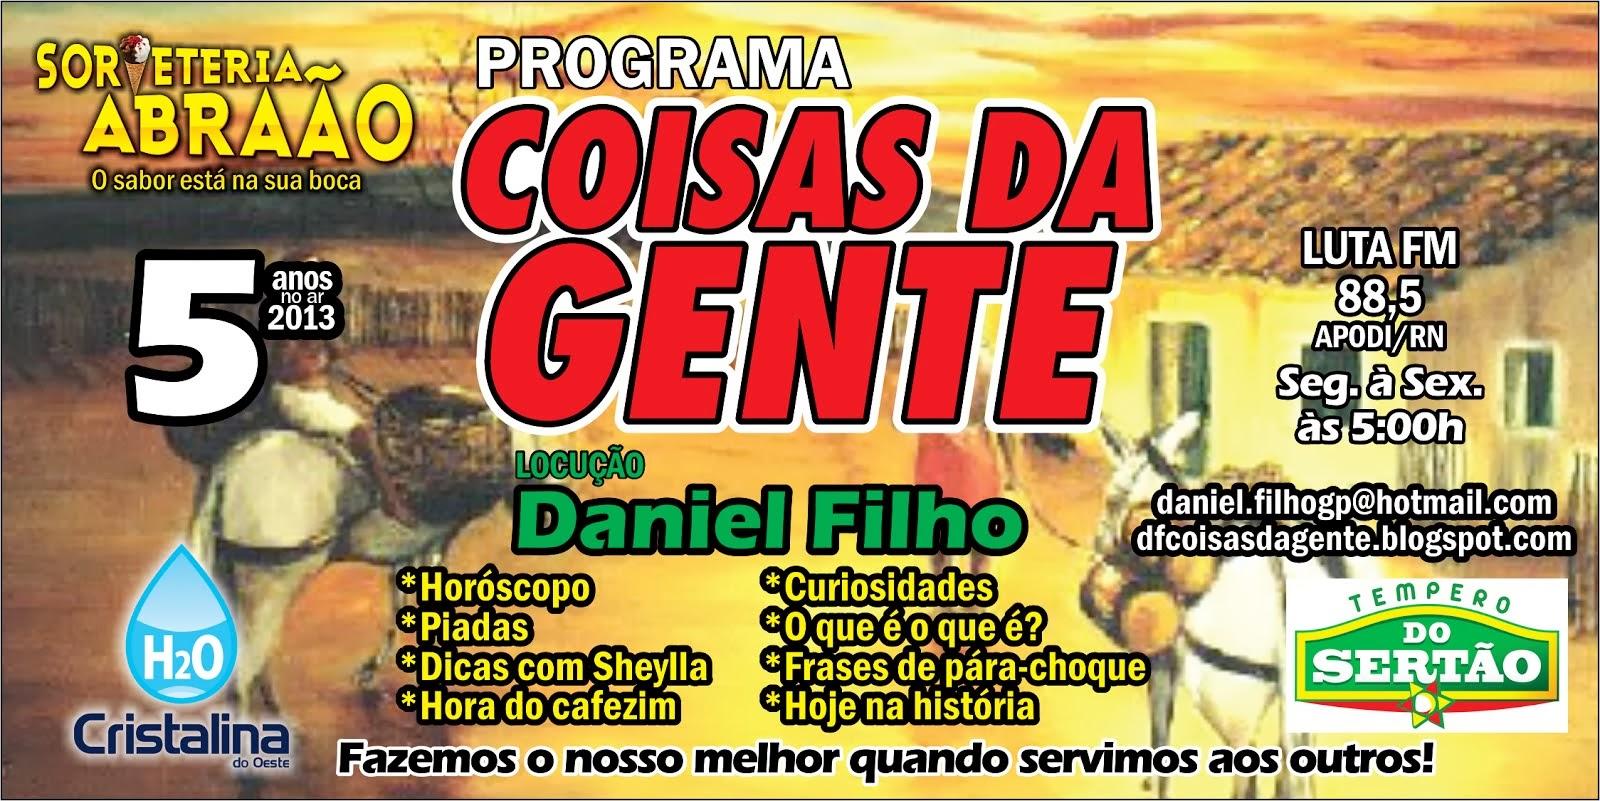 6 ANOS DO PROGRAMA COISAS DA GENTE NA LUTA FM DE APODI/RN AS 05:00 HORAS